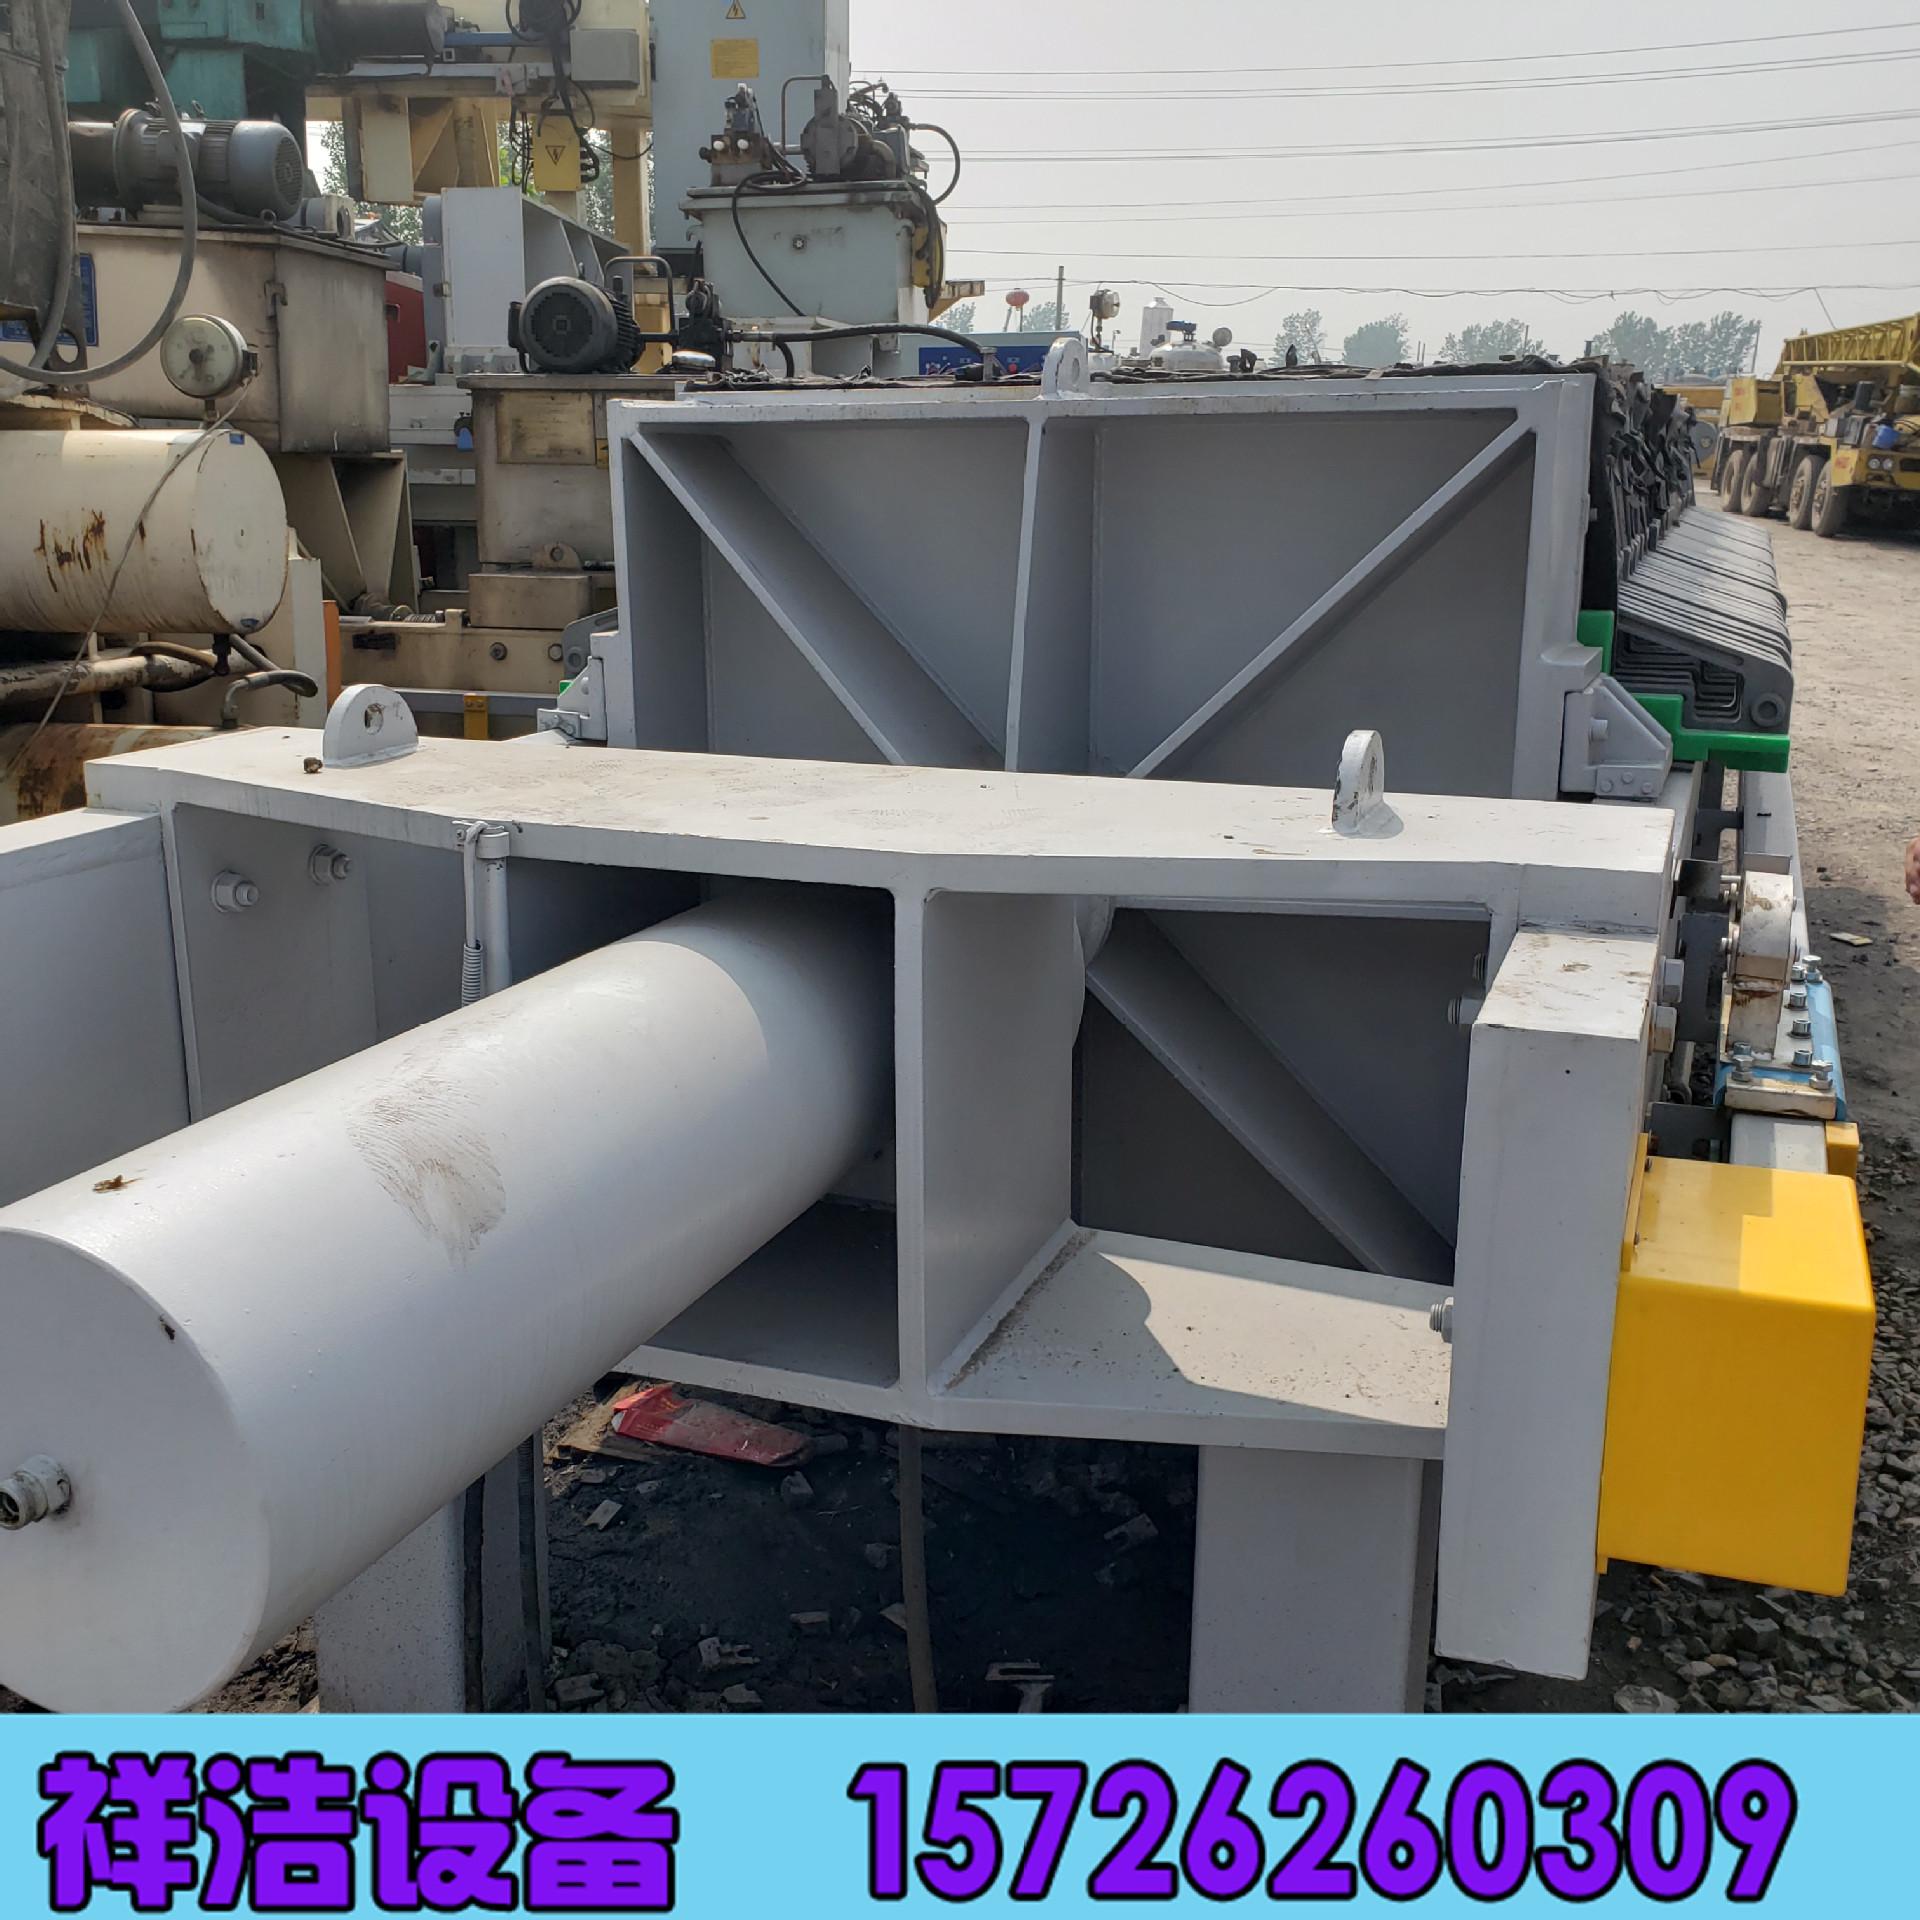 廠家直銷壓濾機 200平方廂式壓濾機 程控隔膜壓濾機 污泥脫水設備示例圖4